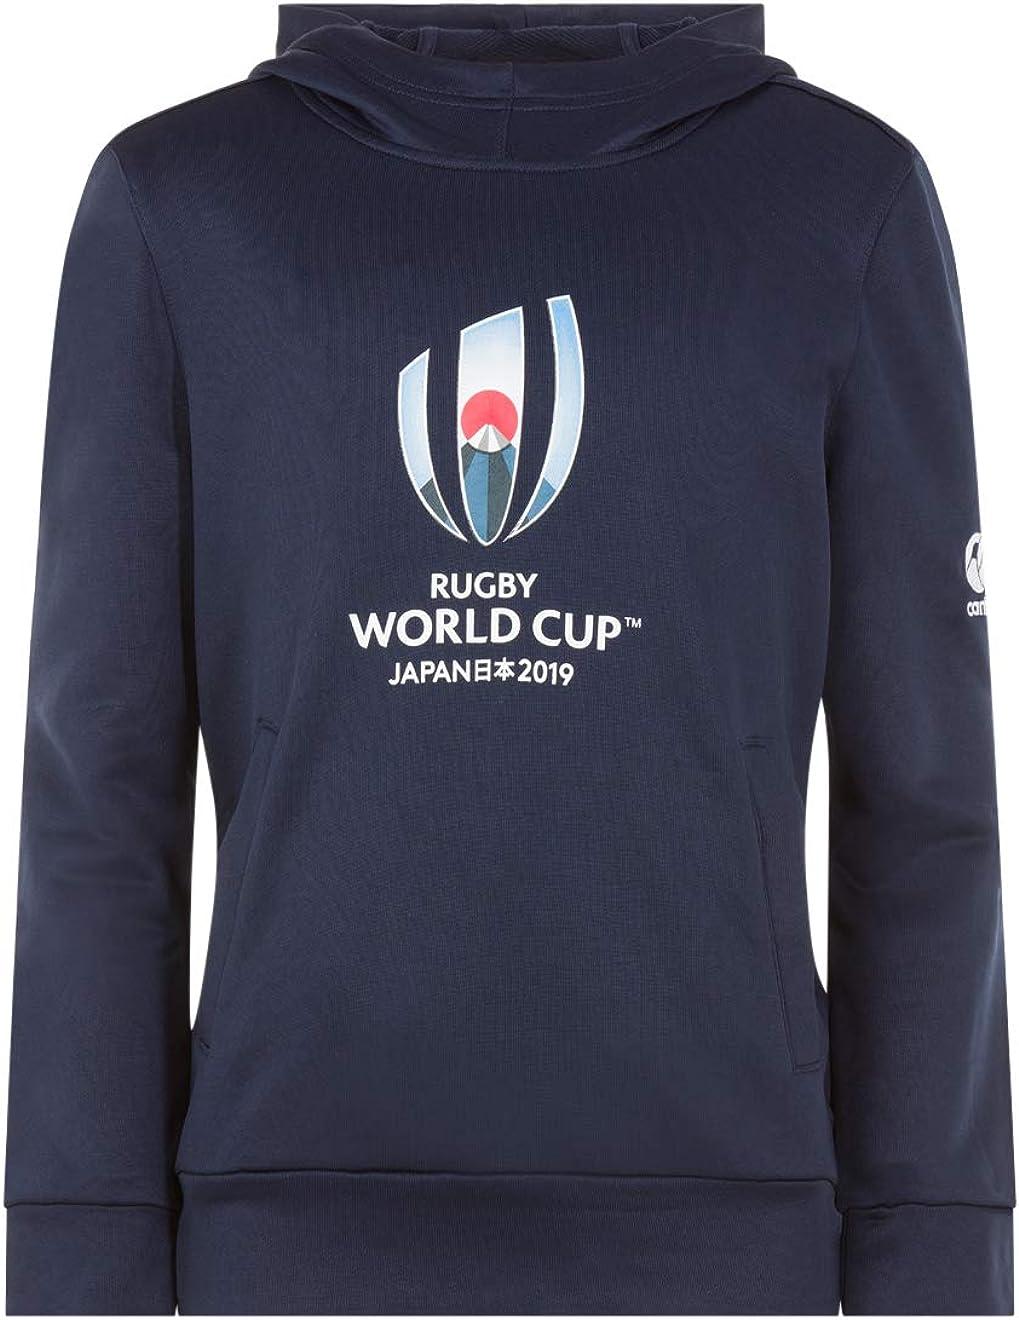 Canterbury Over The Head Oficial de La Rugby World Cup 2019 - Sudadera Unisex niños: Amazon.es: Ropa y accesorios